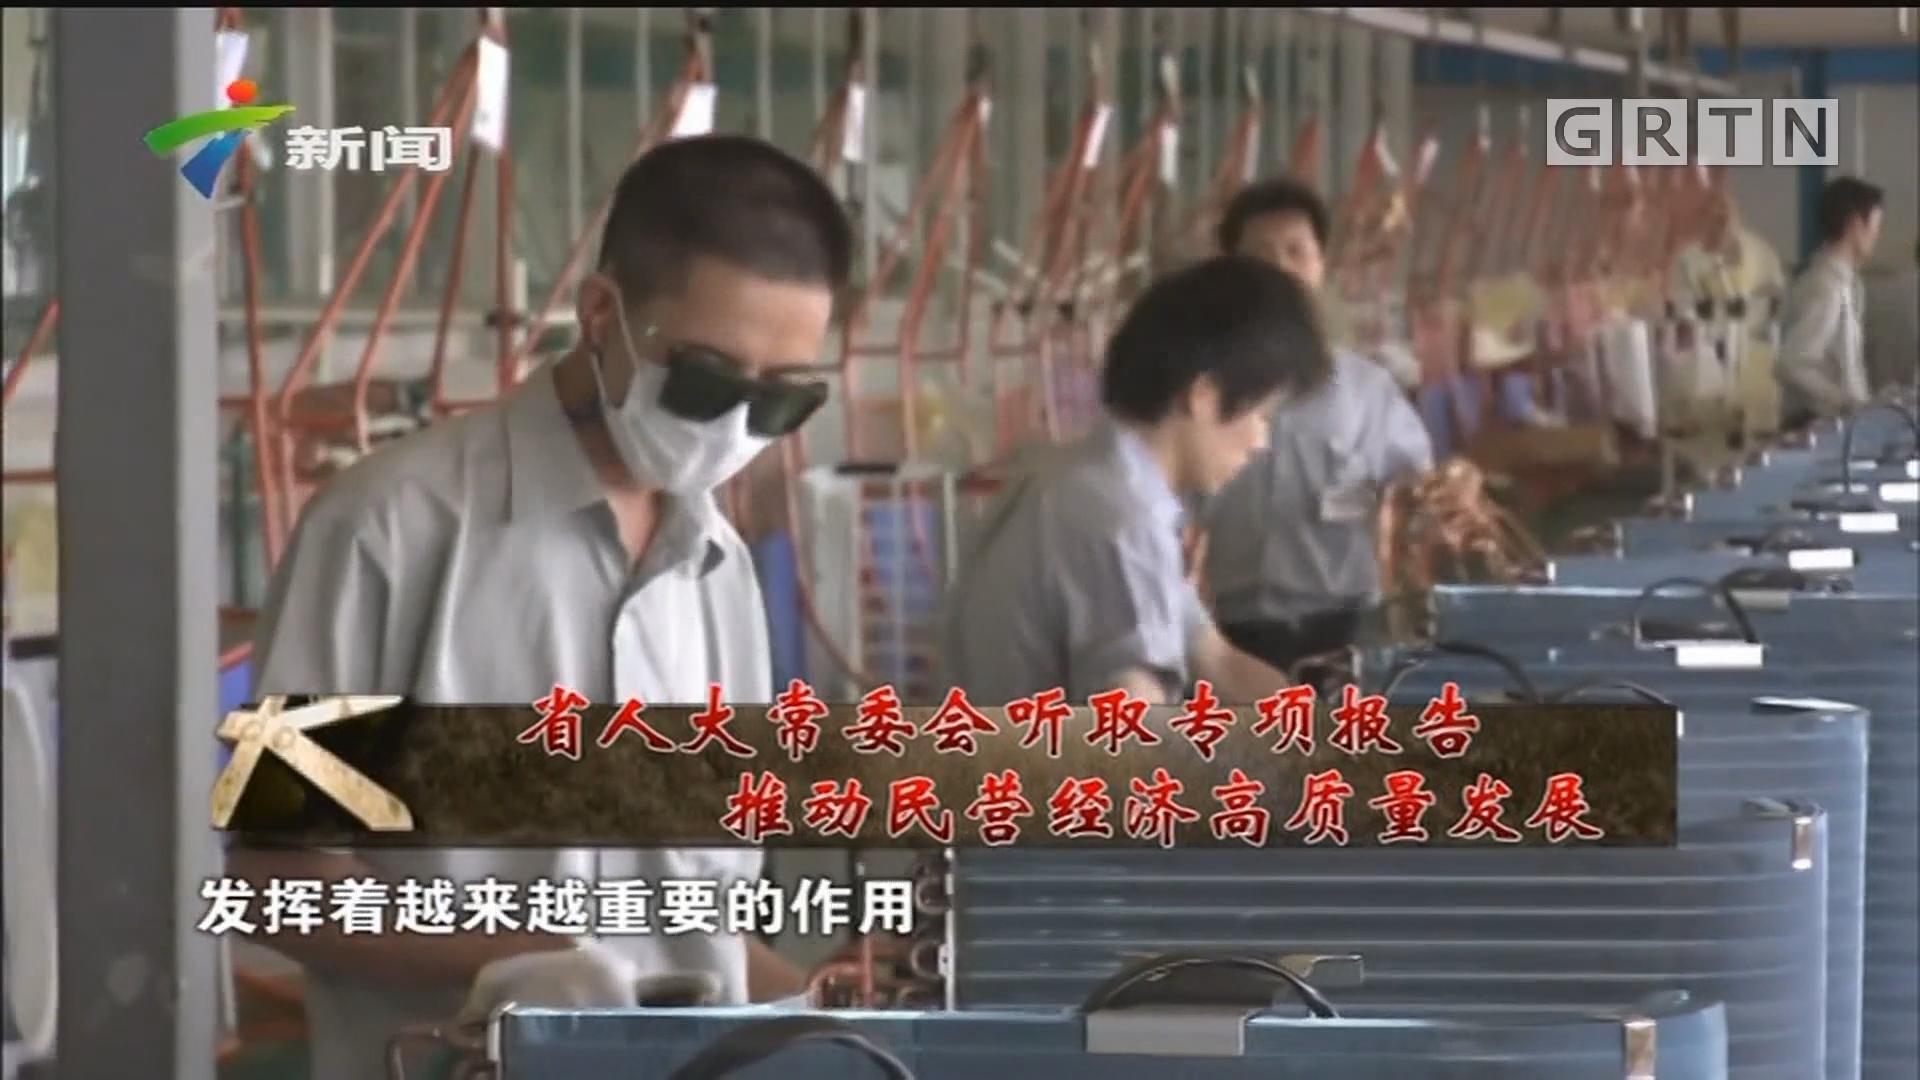 [HD][2019-06-15]人大代表:省人大常委会听取专项报告 推动民营经济高质量发展